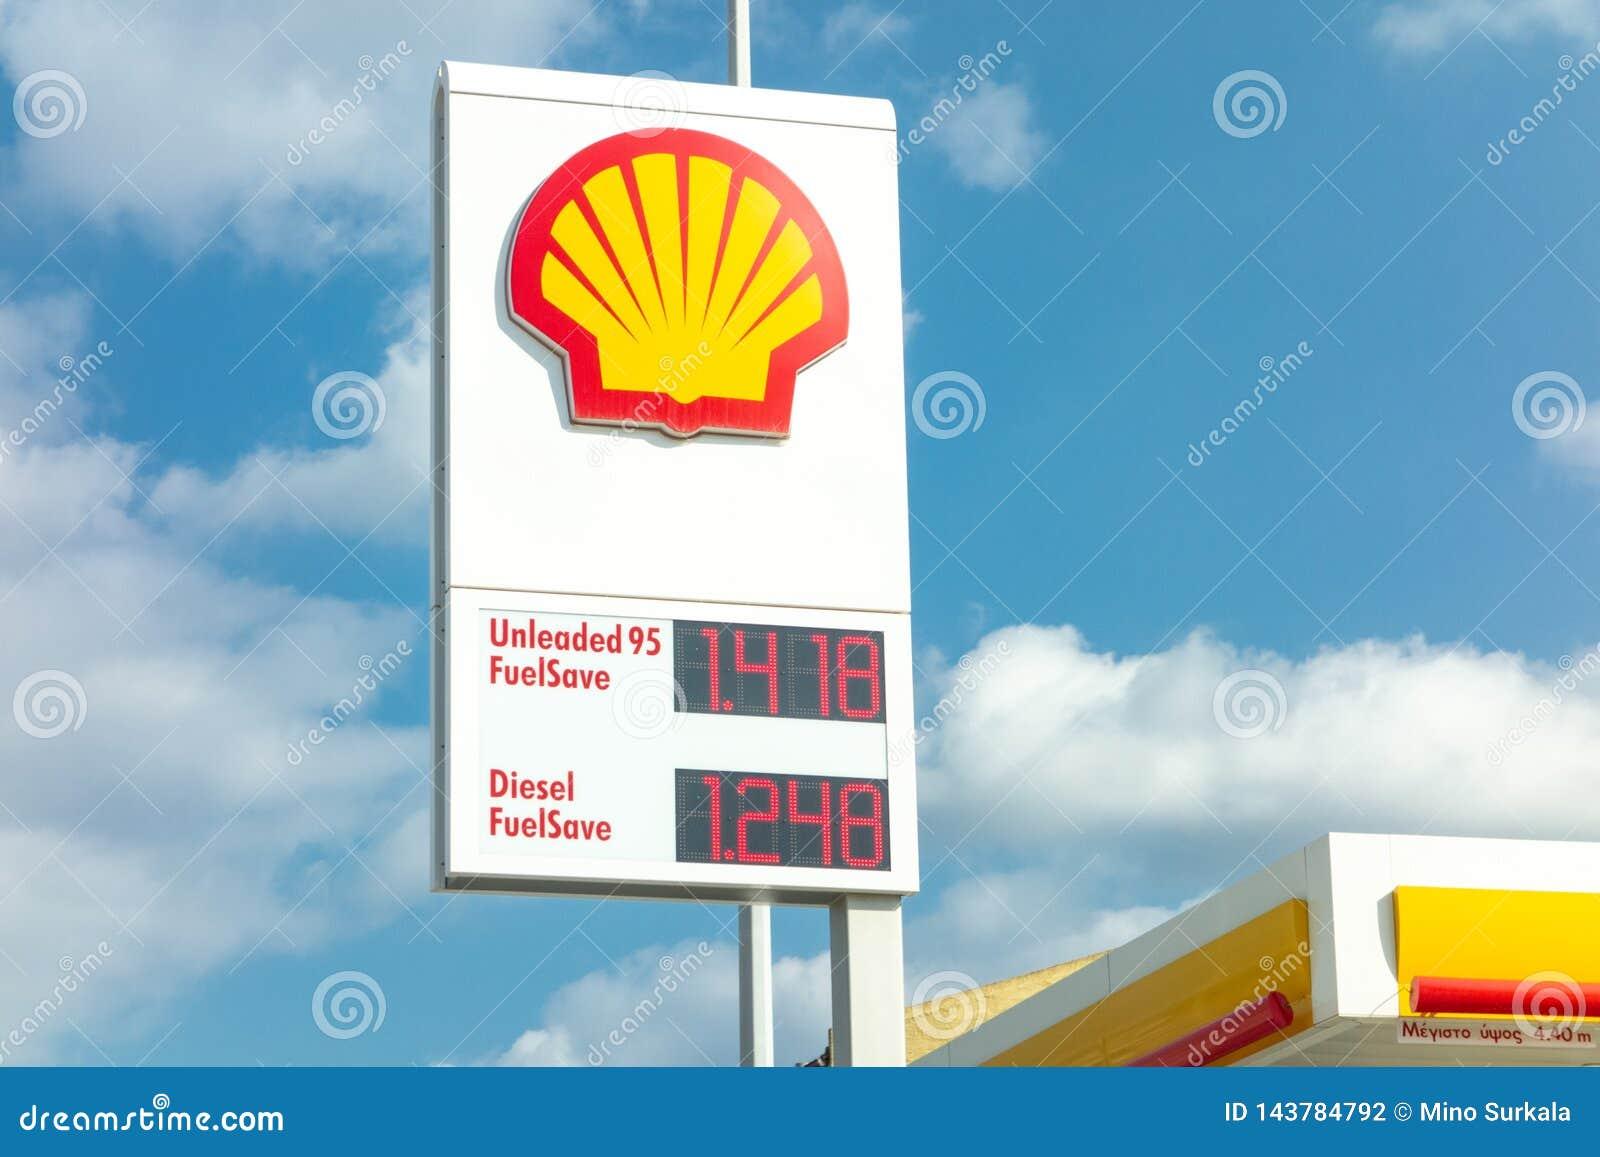 Bandera de la gasolinera de Shell con los andfuels de un logotipo de la compañía proporcionados sus precios